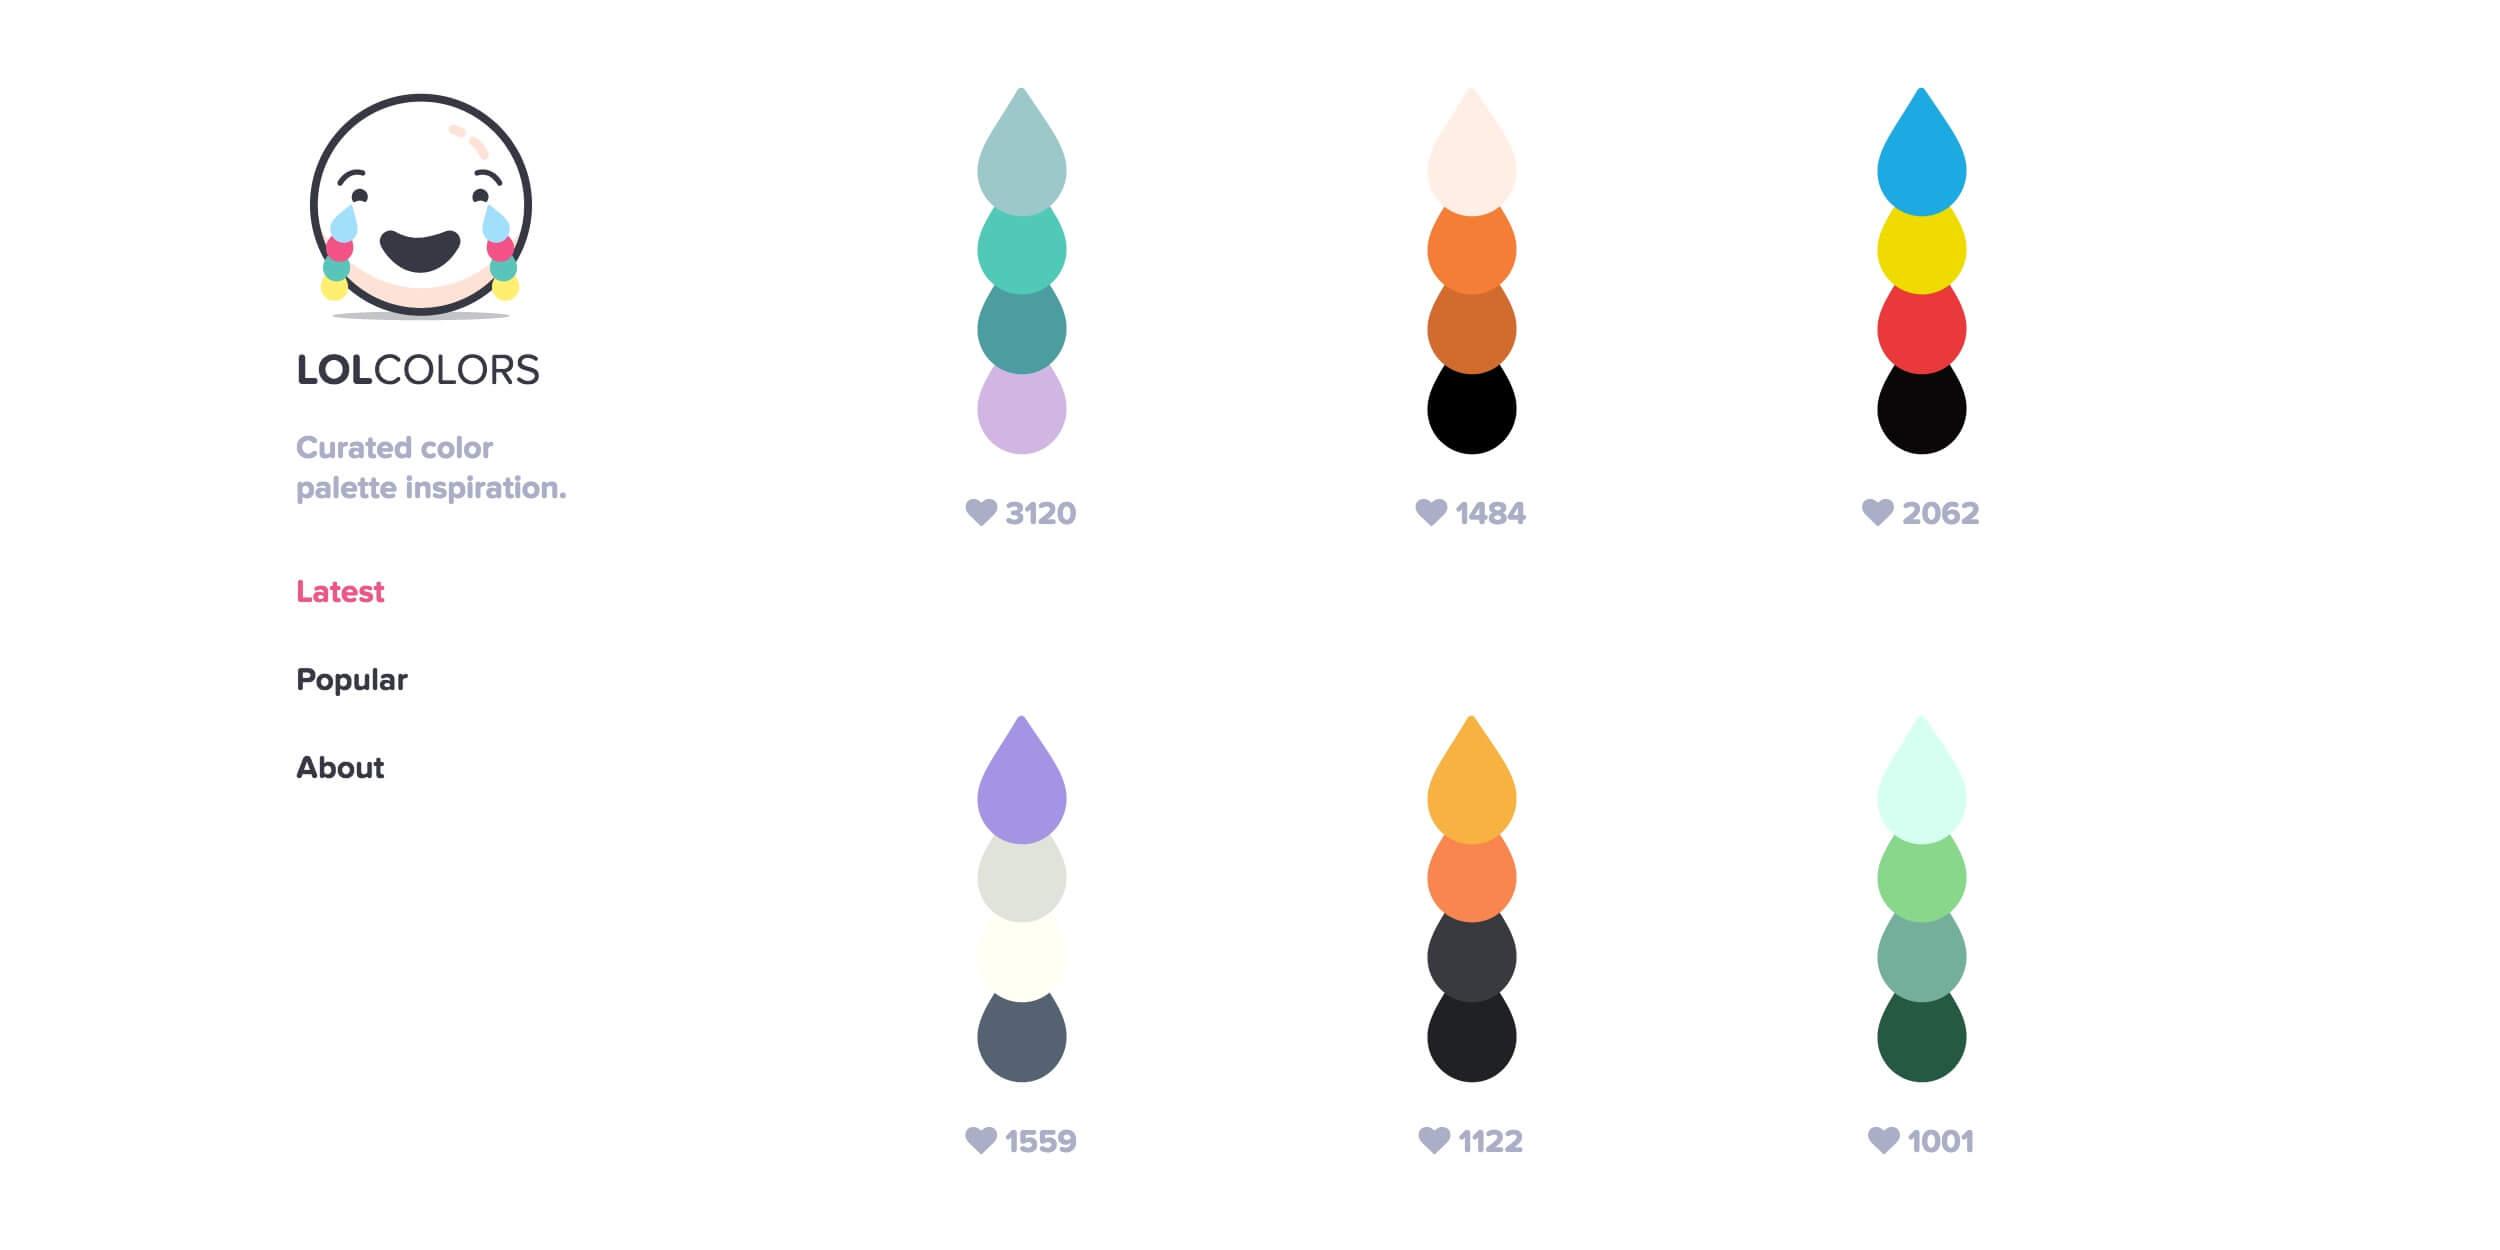 LOL Colors